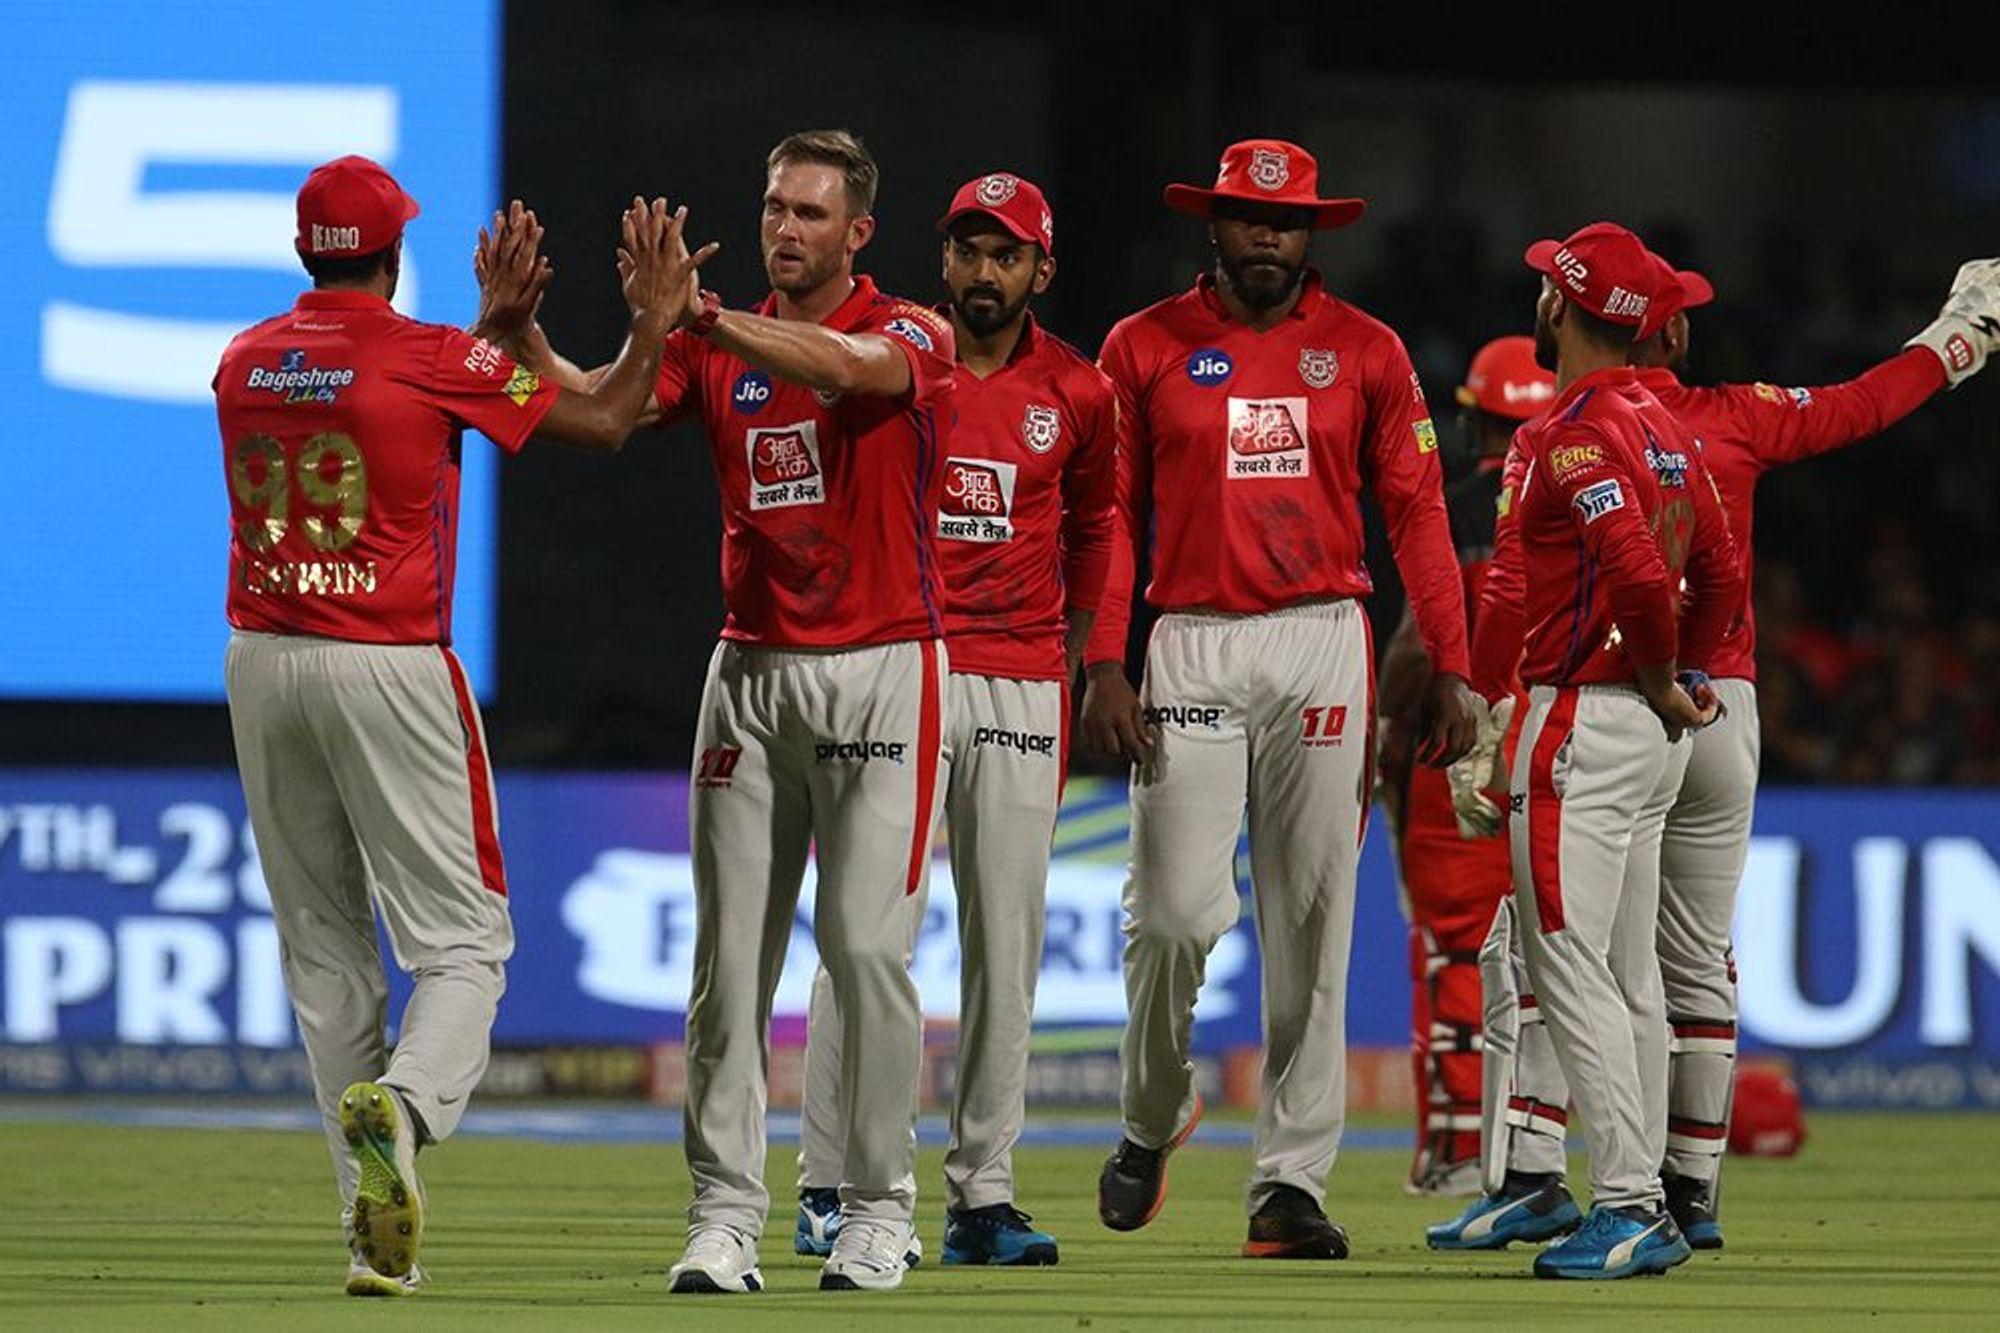 रॉयल चैलेंजर्स बैंगलोर के खिलाफ किंग्स इलेवन पंजाब की हार के ये रहे 3 प्रमुख कारण